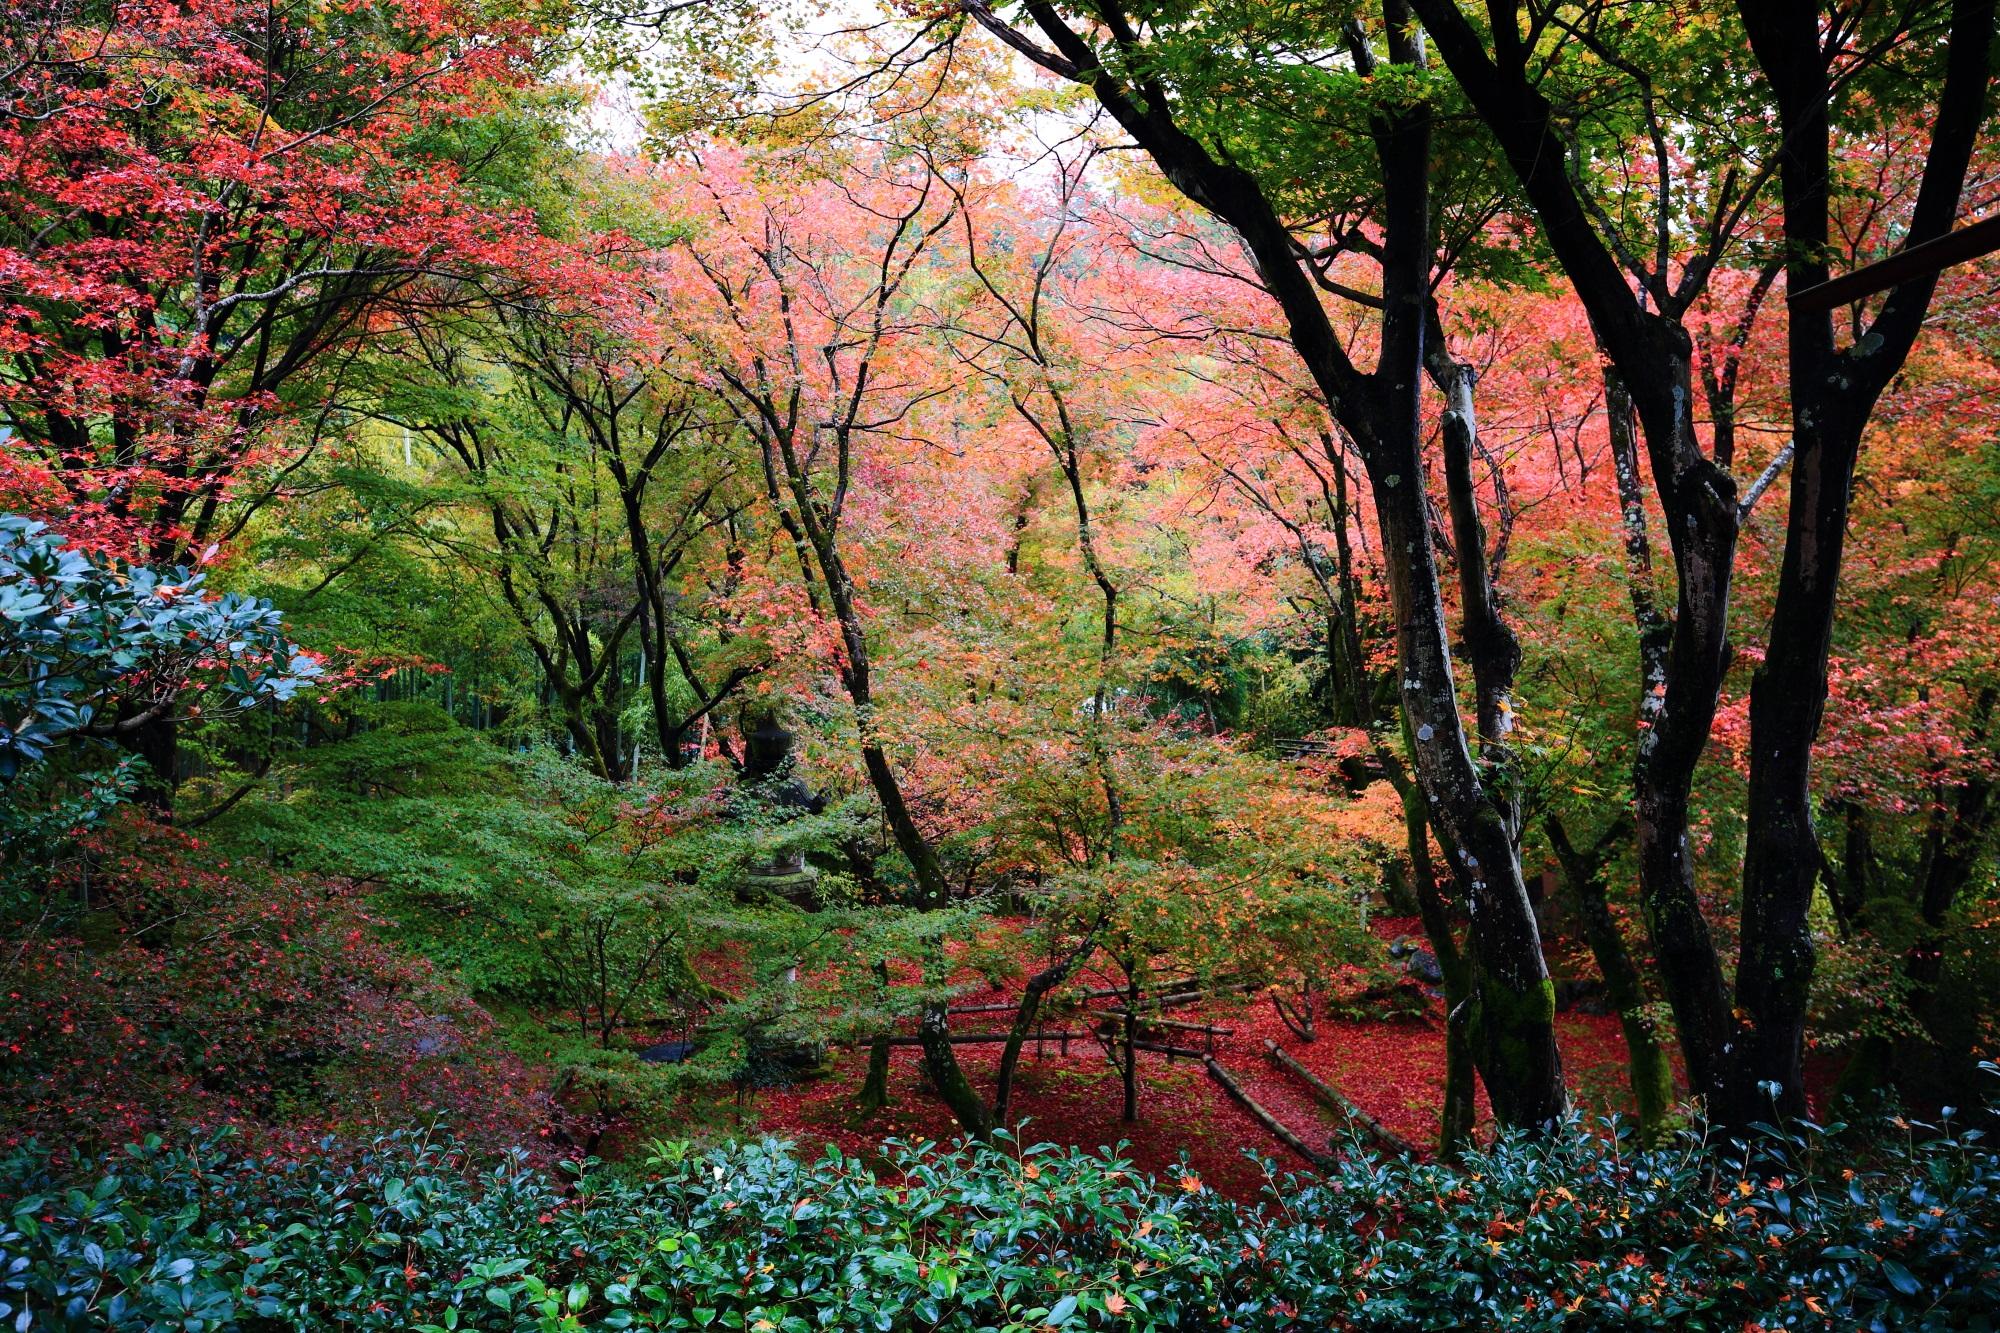 直指庵(じきしあん)の本堂から眺めた美しい紅葉